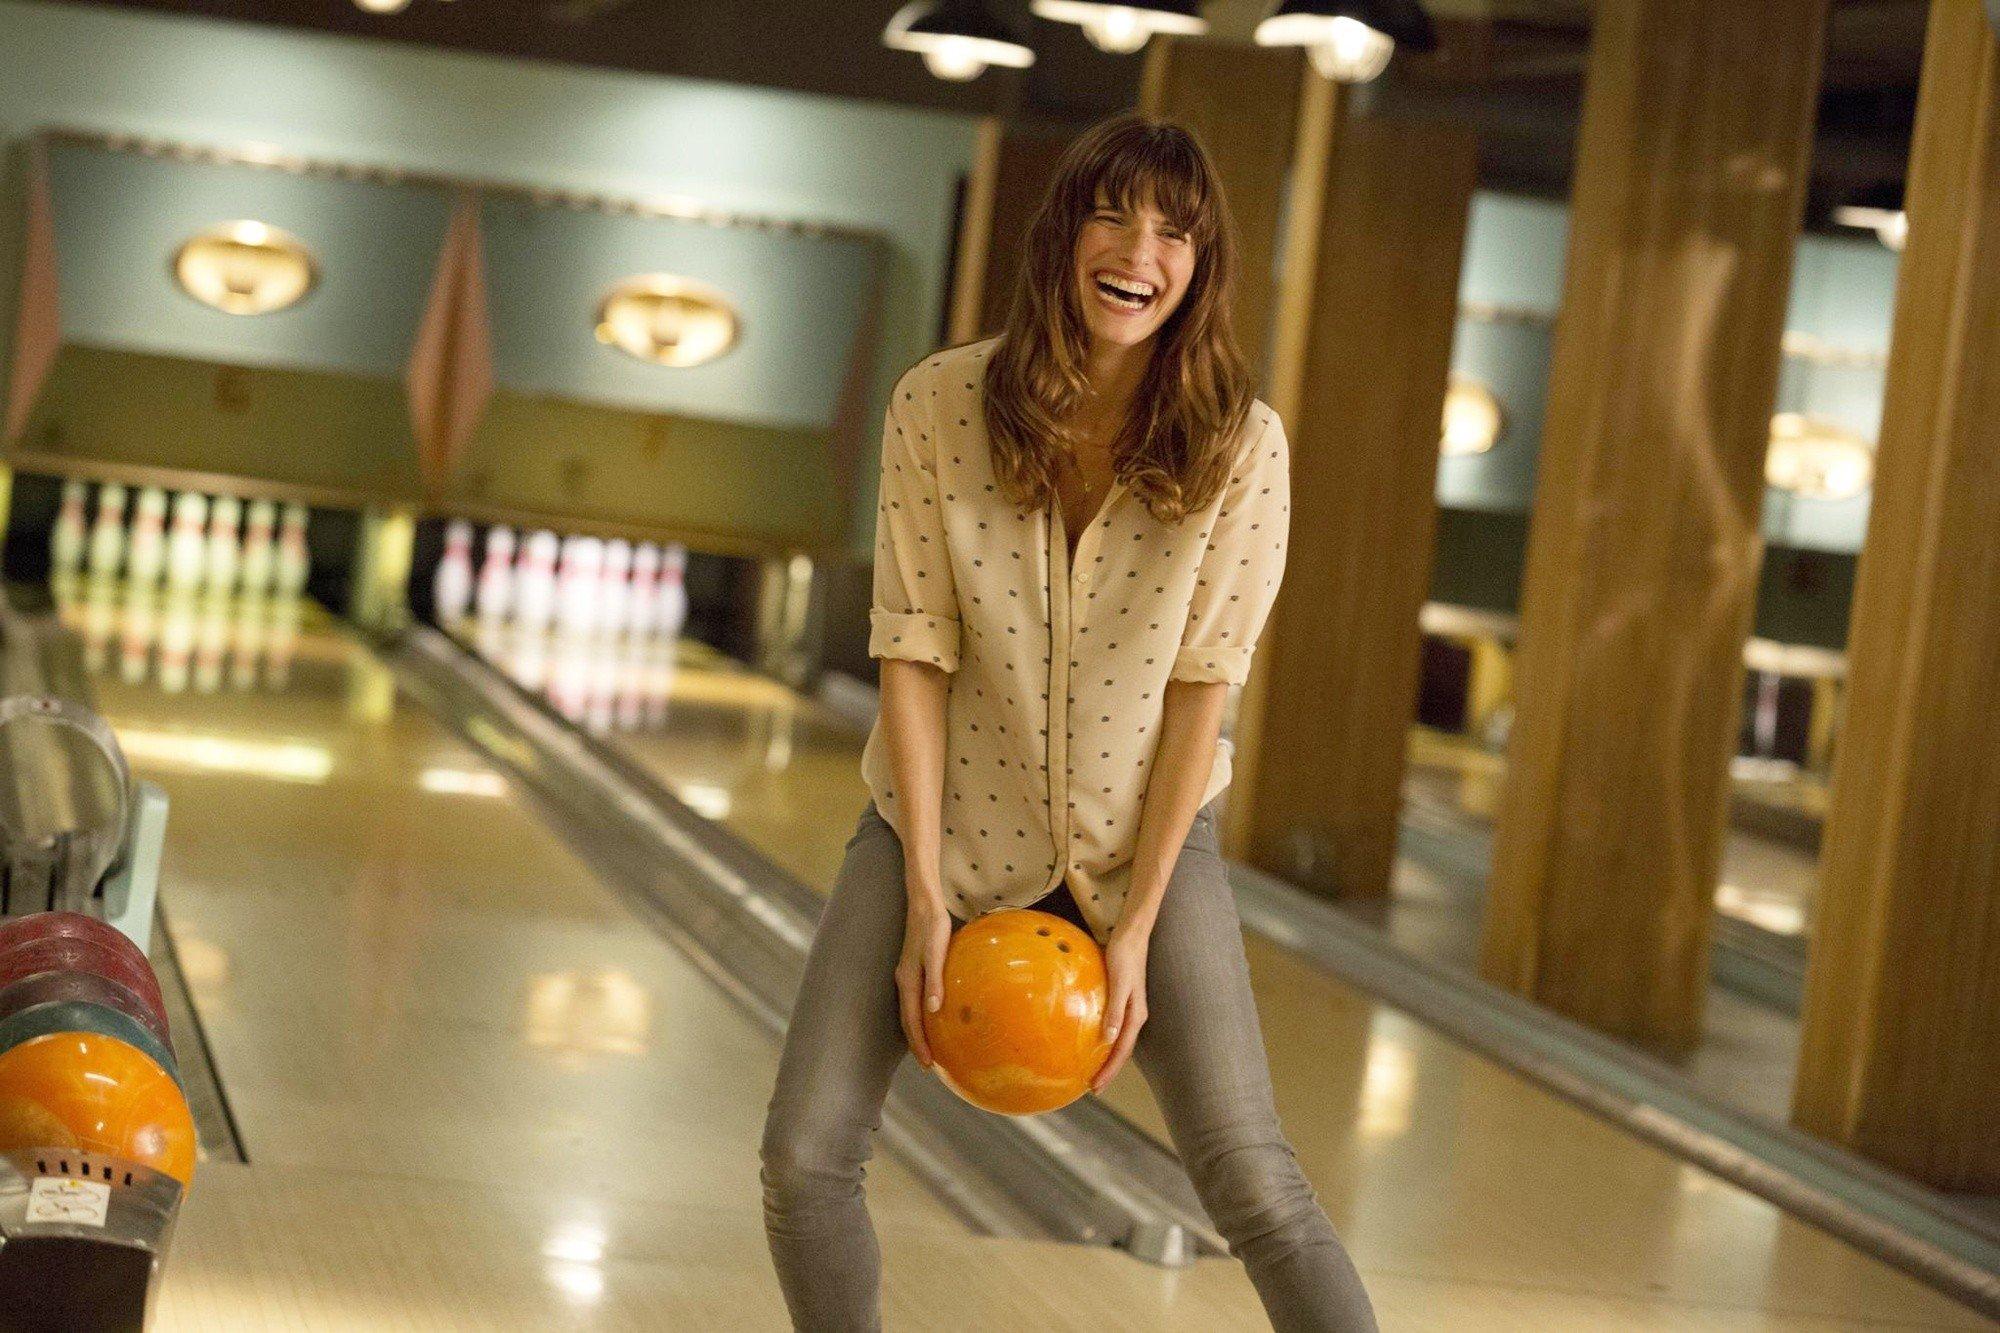 She  really  likes bowling. Like, a lot.